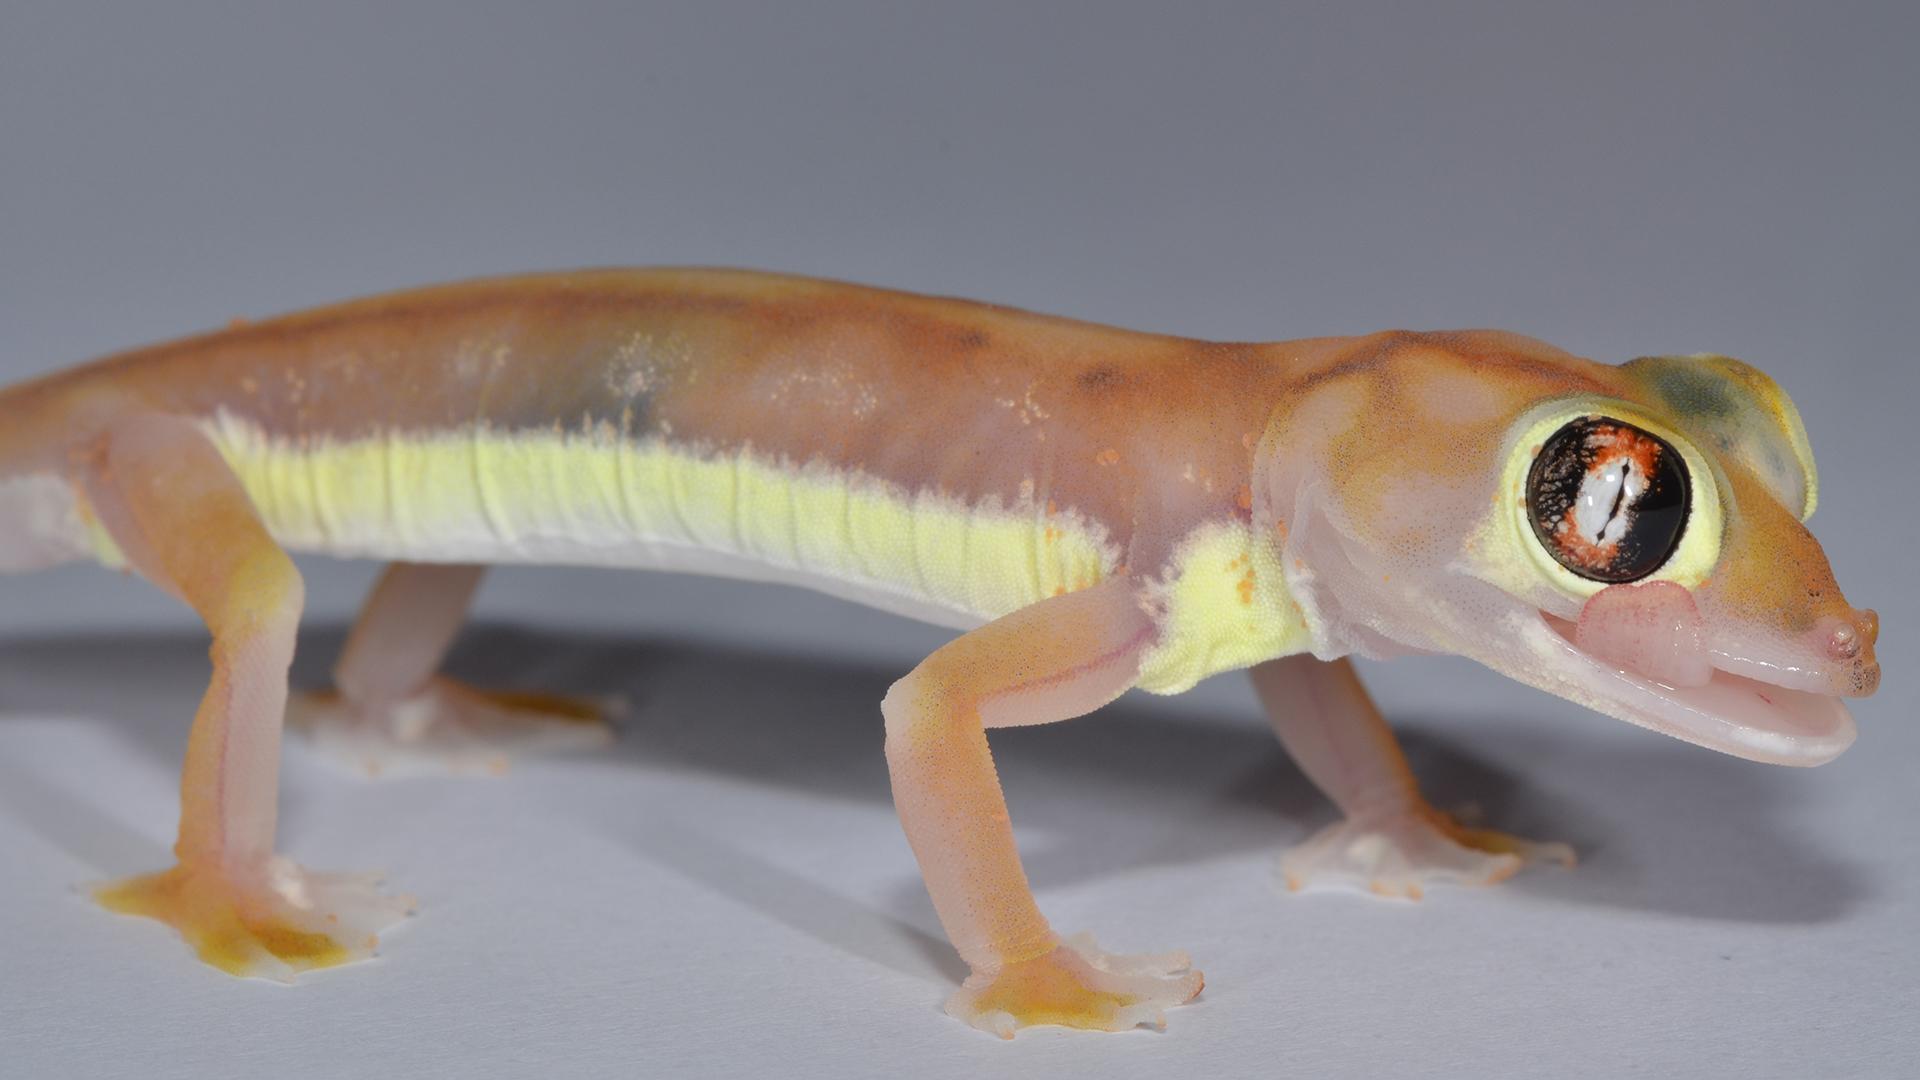 Les rayures jaunâtres sur les flancs du gecko sont visibles pour les autres geckos, mais cachées des prédateurs qui attaquent par le haut.